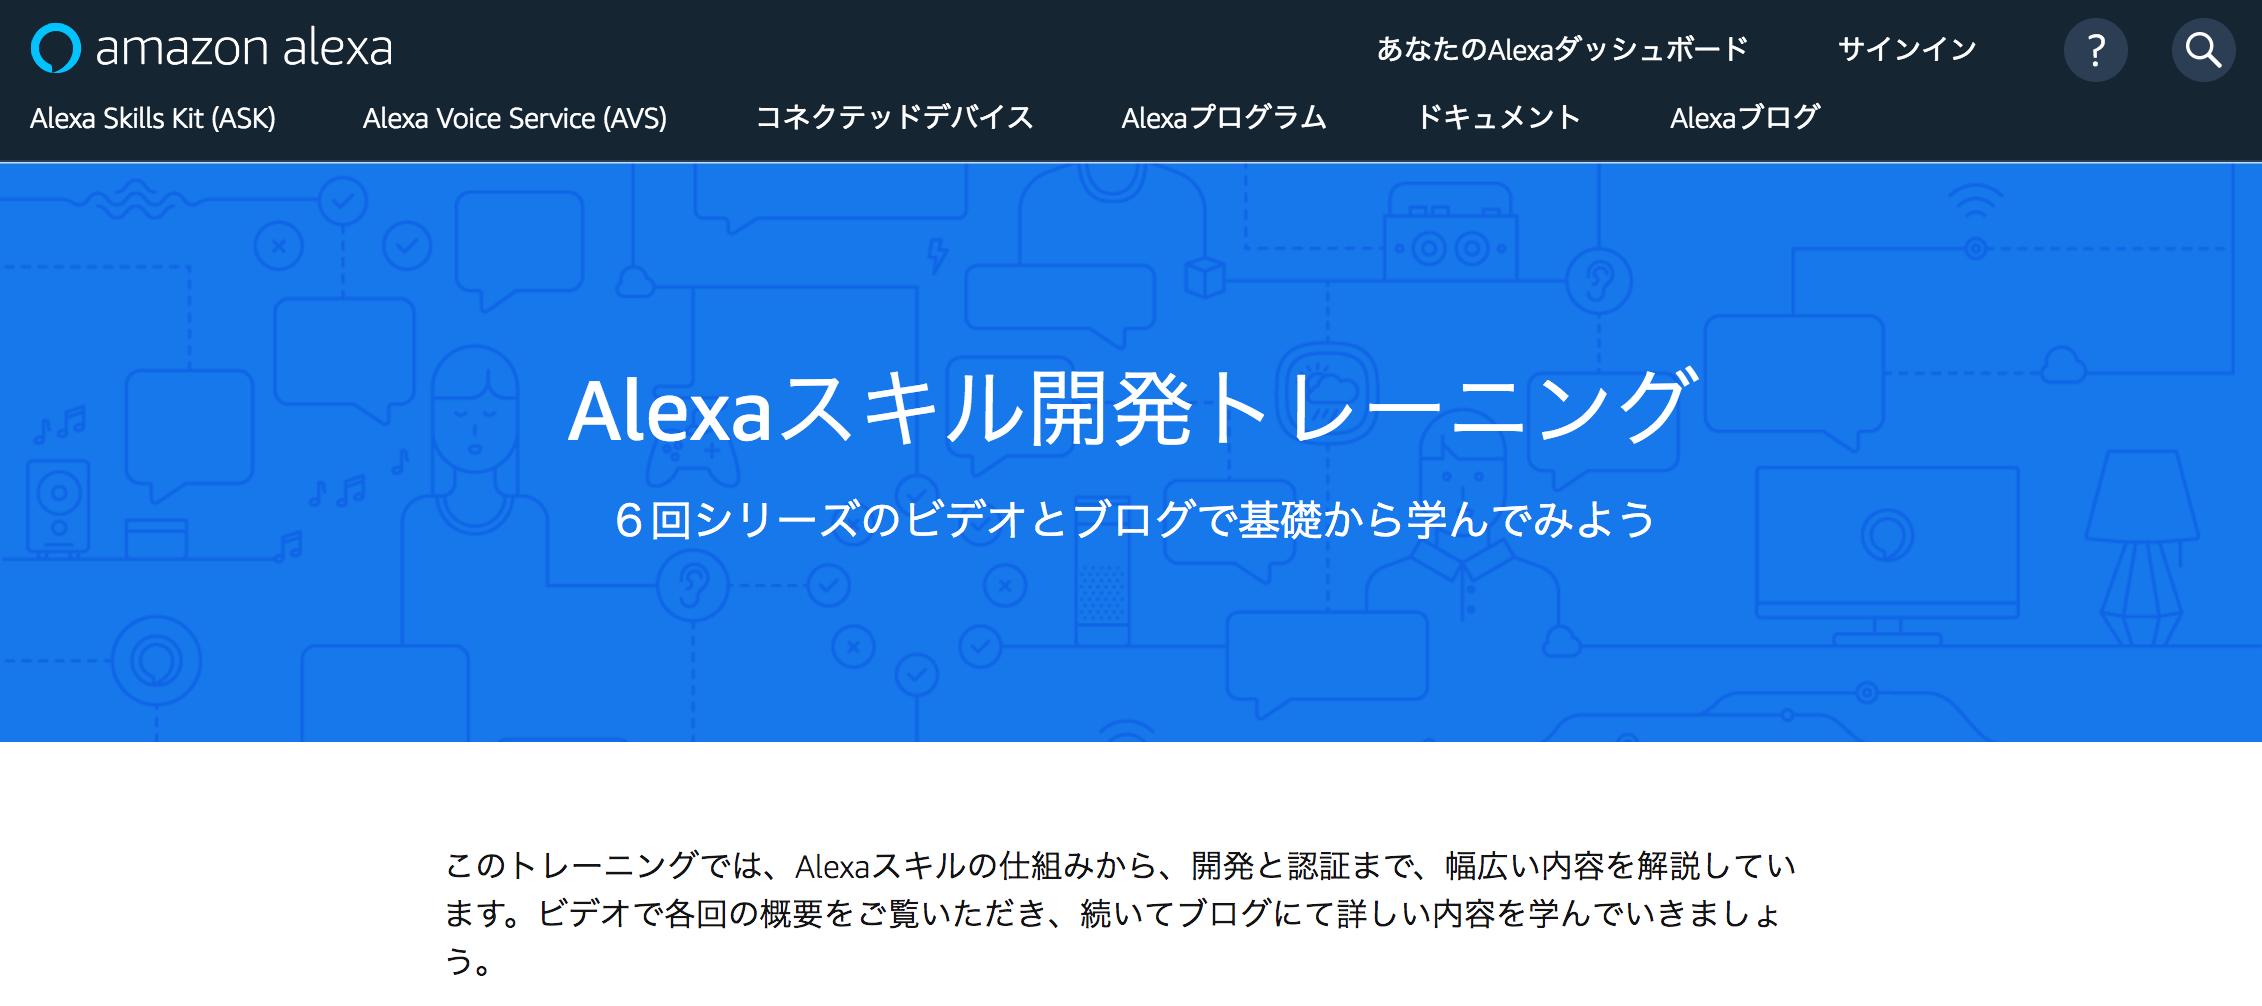 Alexa公式トレーニング